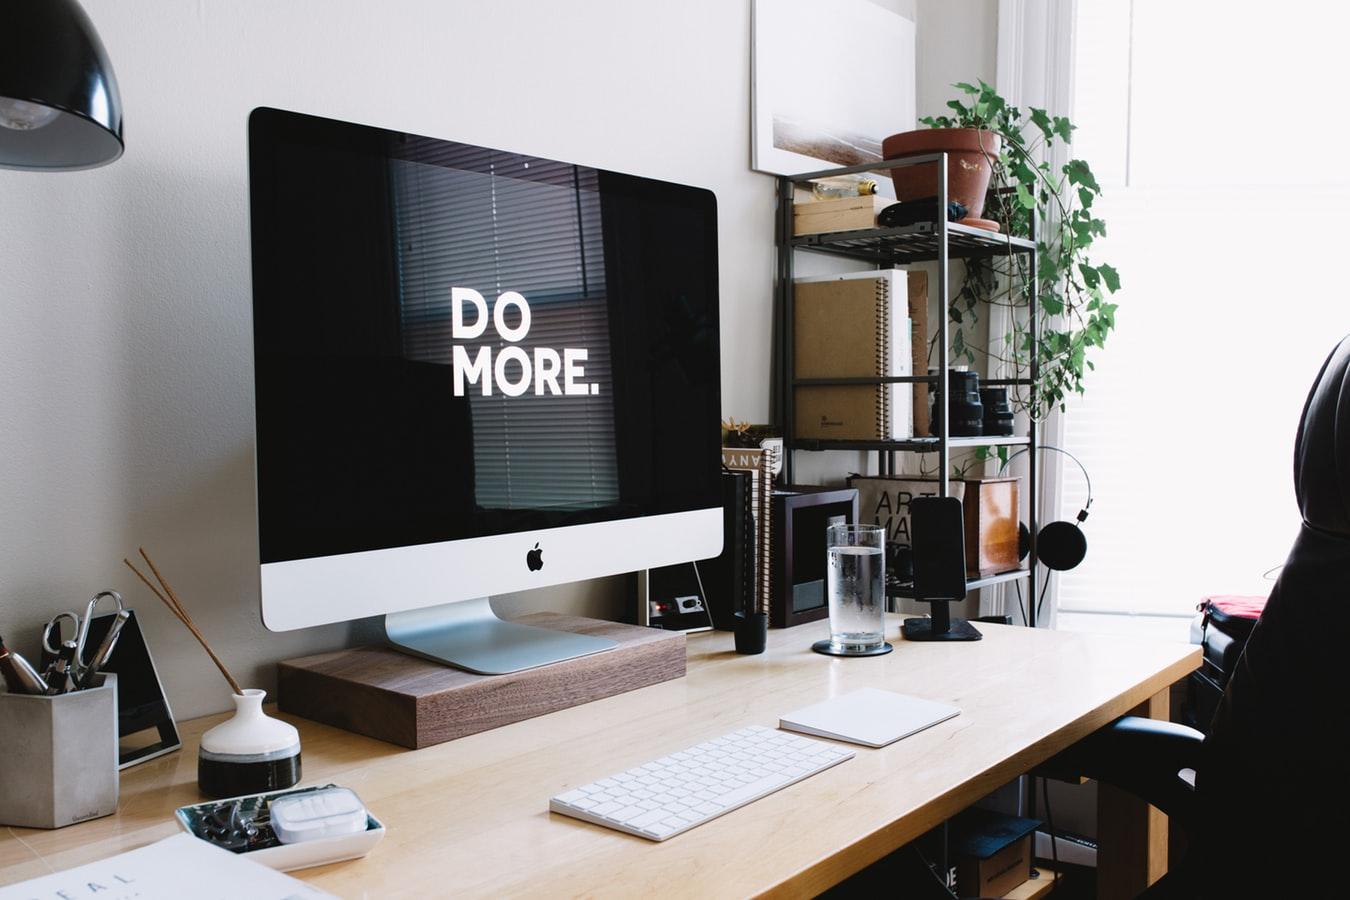 Hvordan digitalisere bedriften